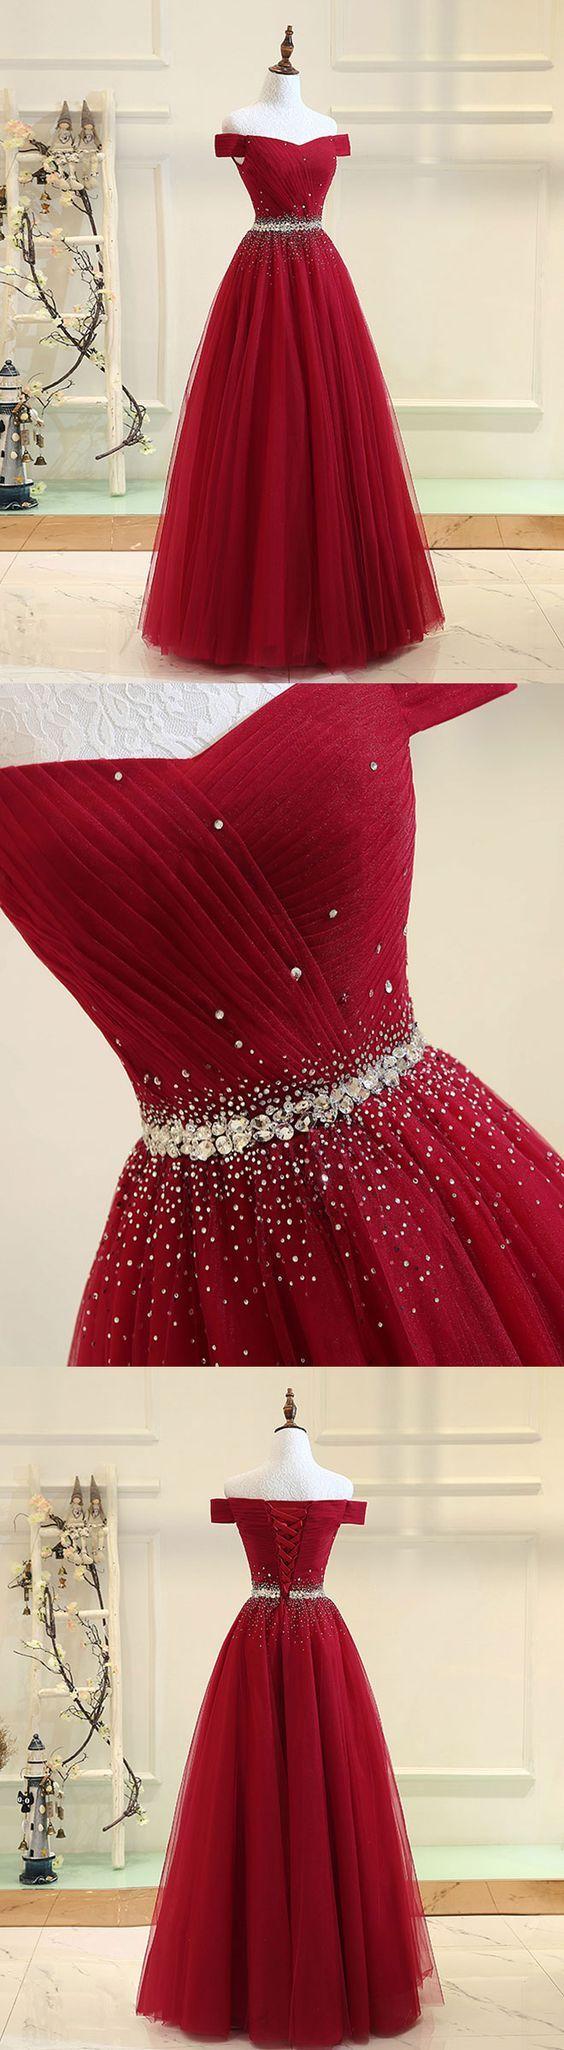 Burgundy tulle off shoulder long prom dress burgundy evening dress